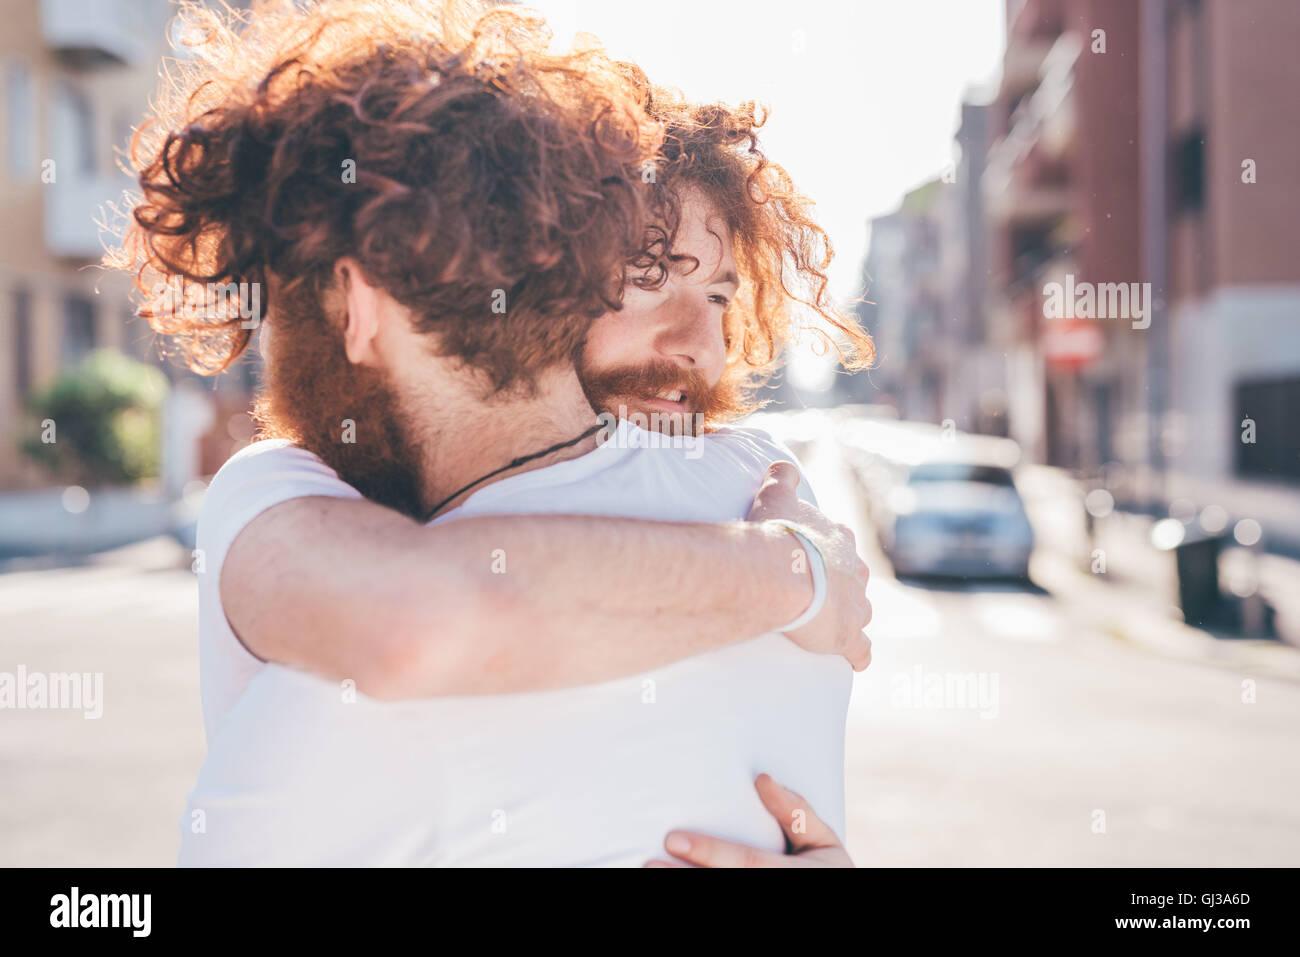 Macho joven hipster gemelos con pelo rojo y barbas abrazarse en las calles de la ciudad Imagen De Stock